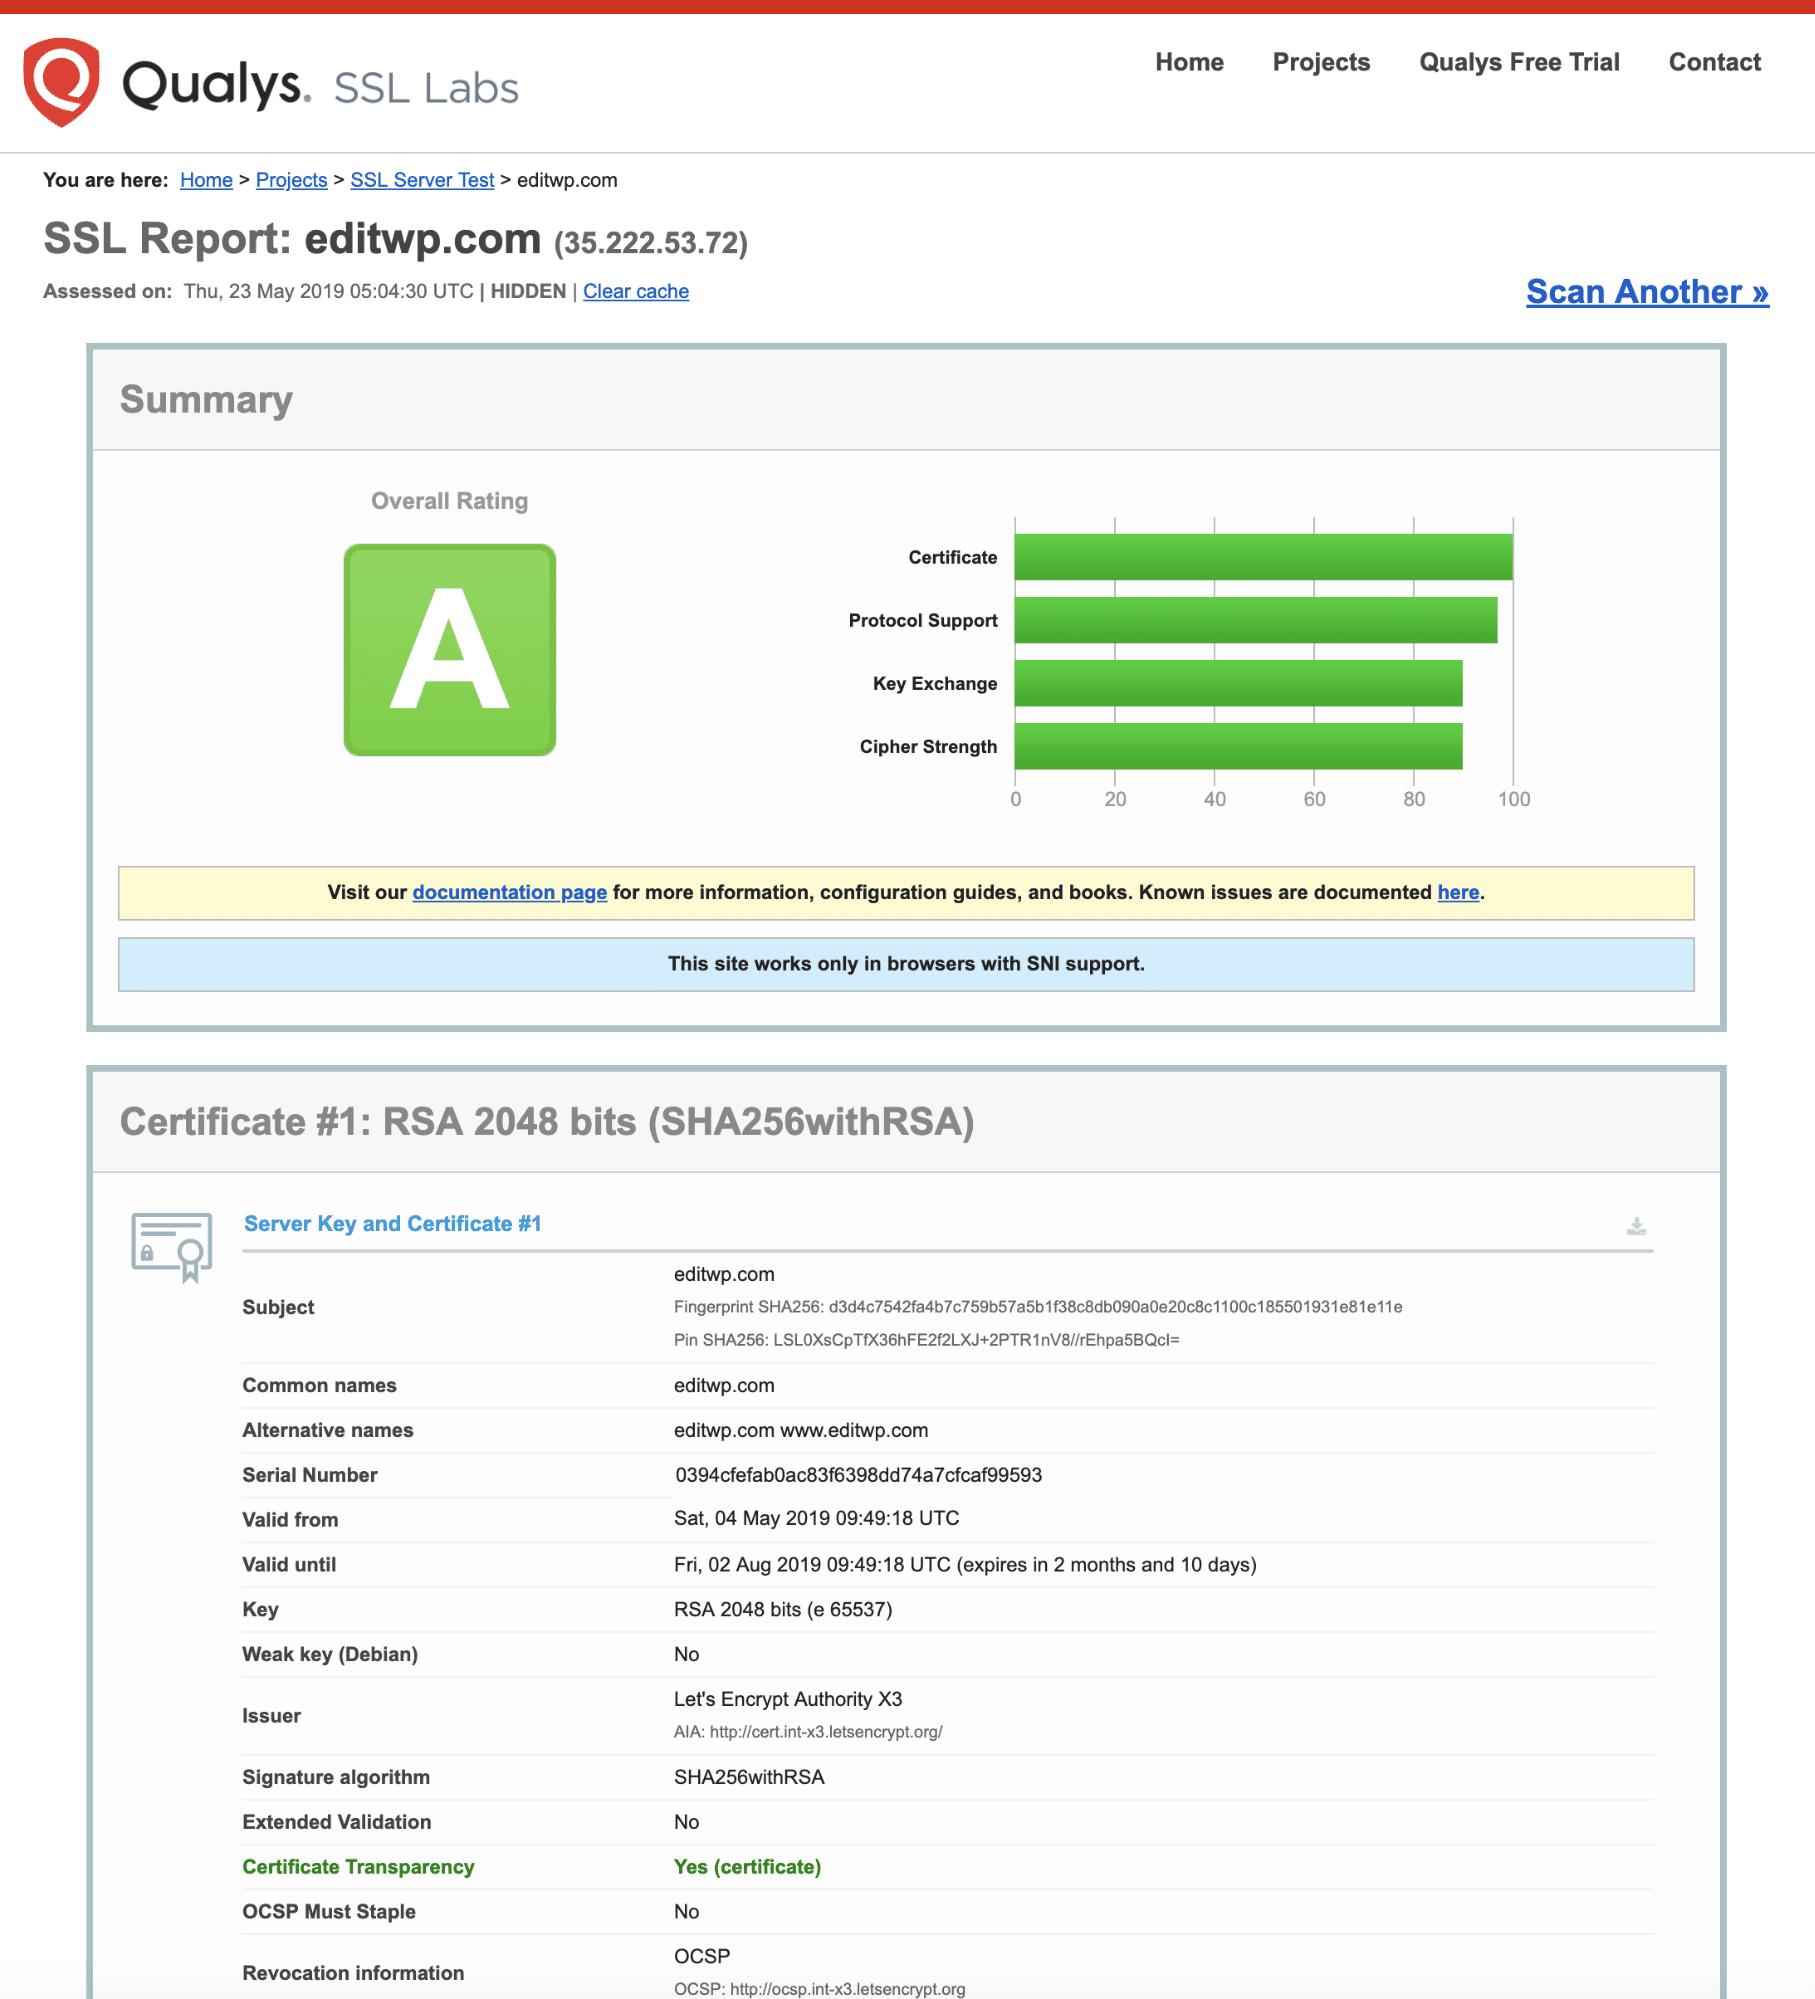 SSL-Berichtsqualitäten